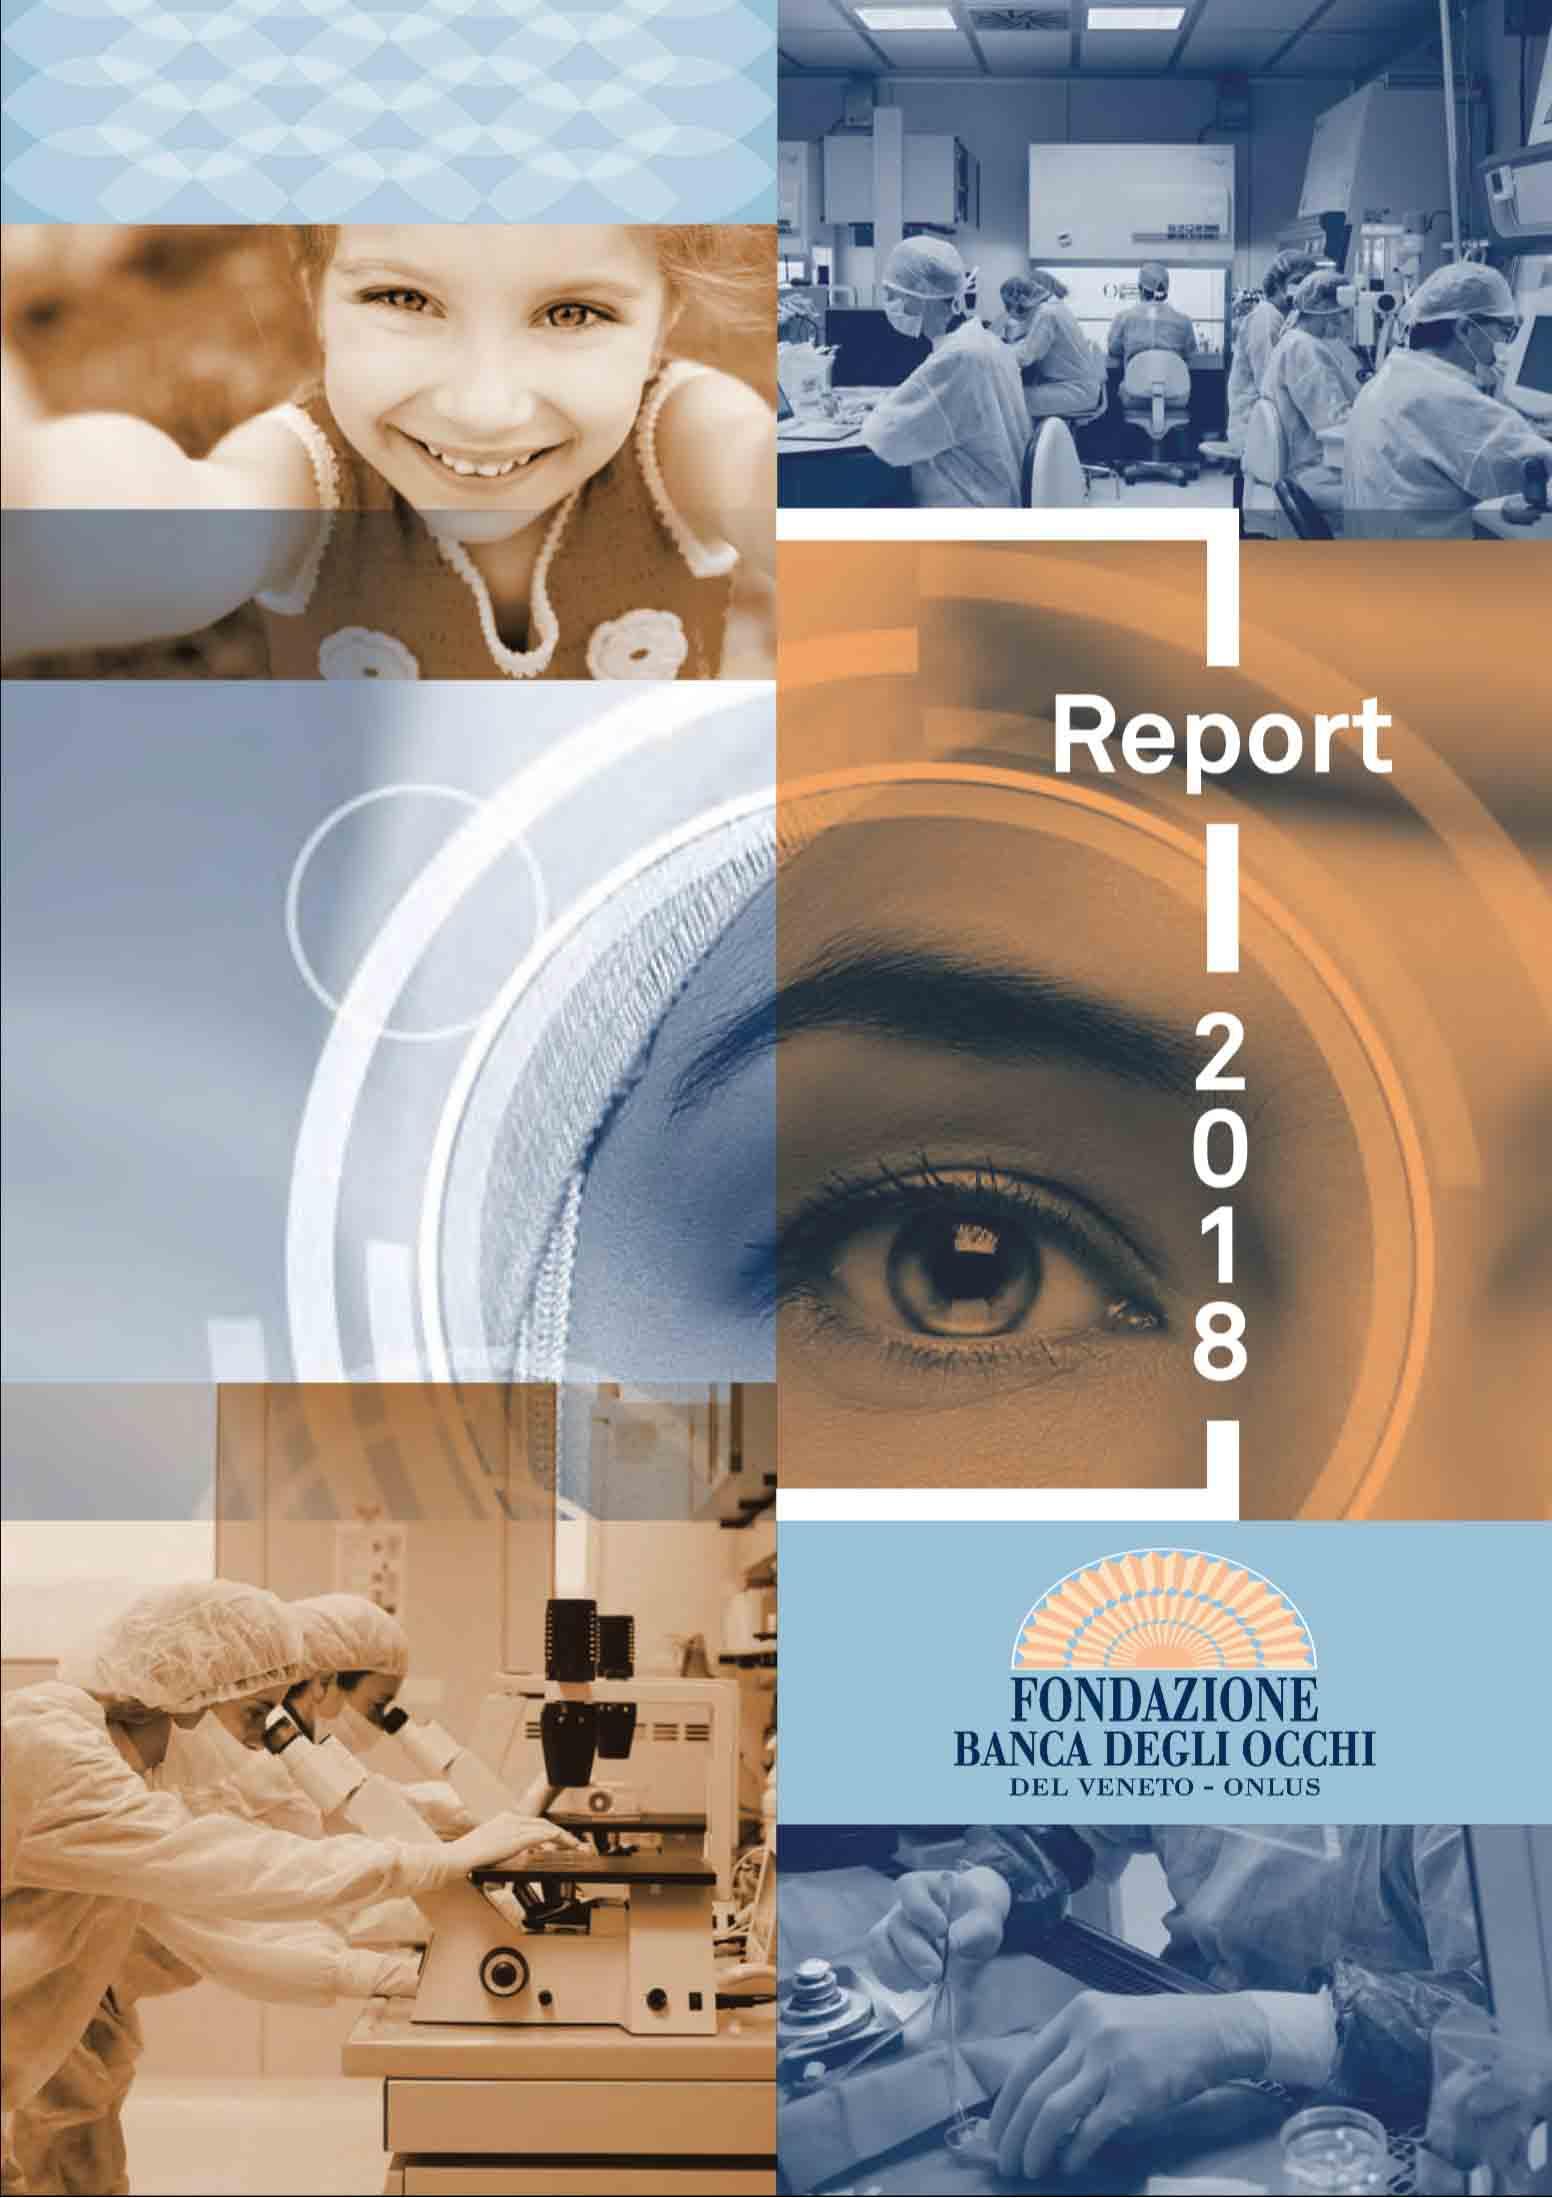 Report Dati 2018 Fondazione Banca degli Occhi